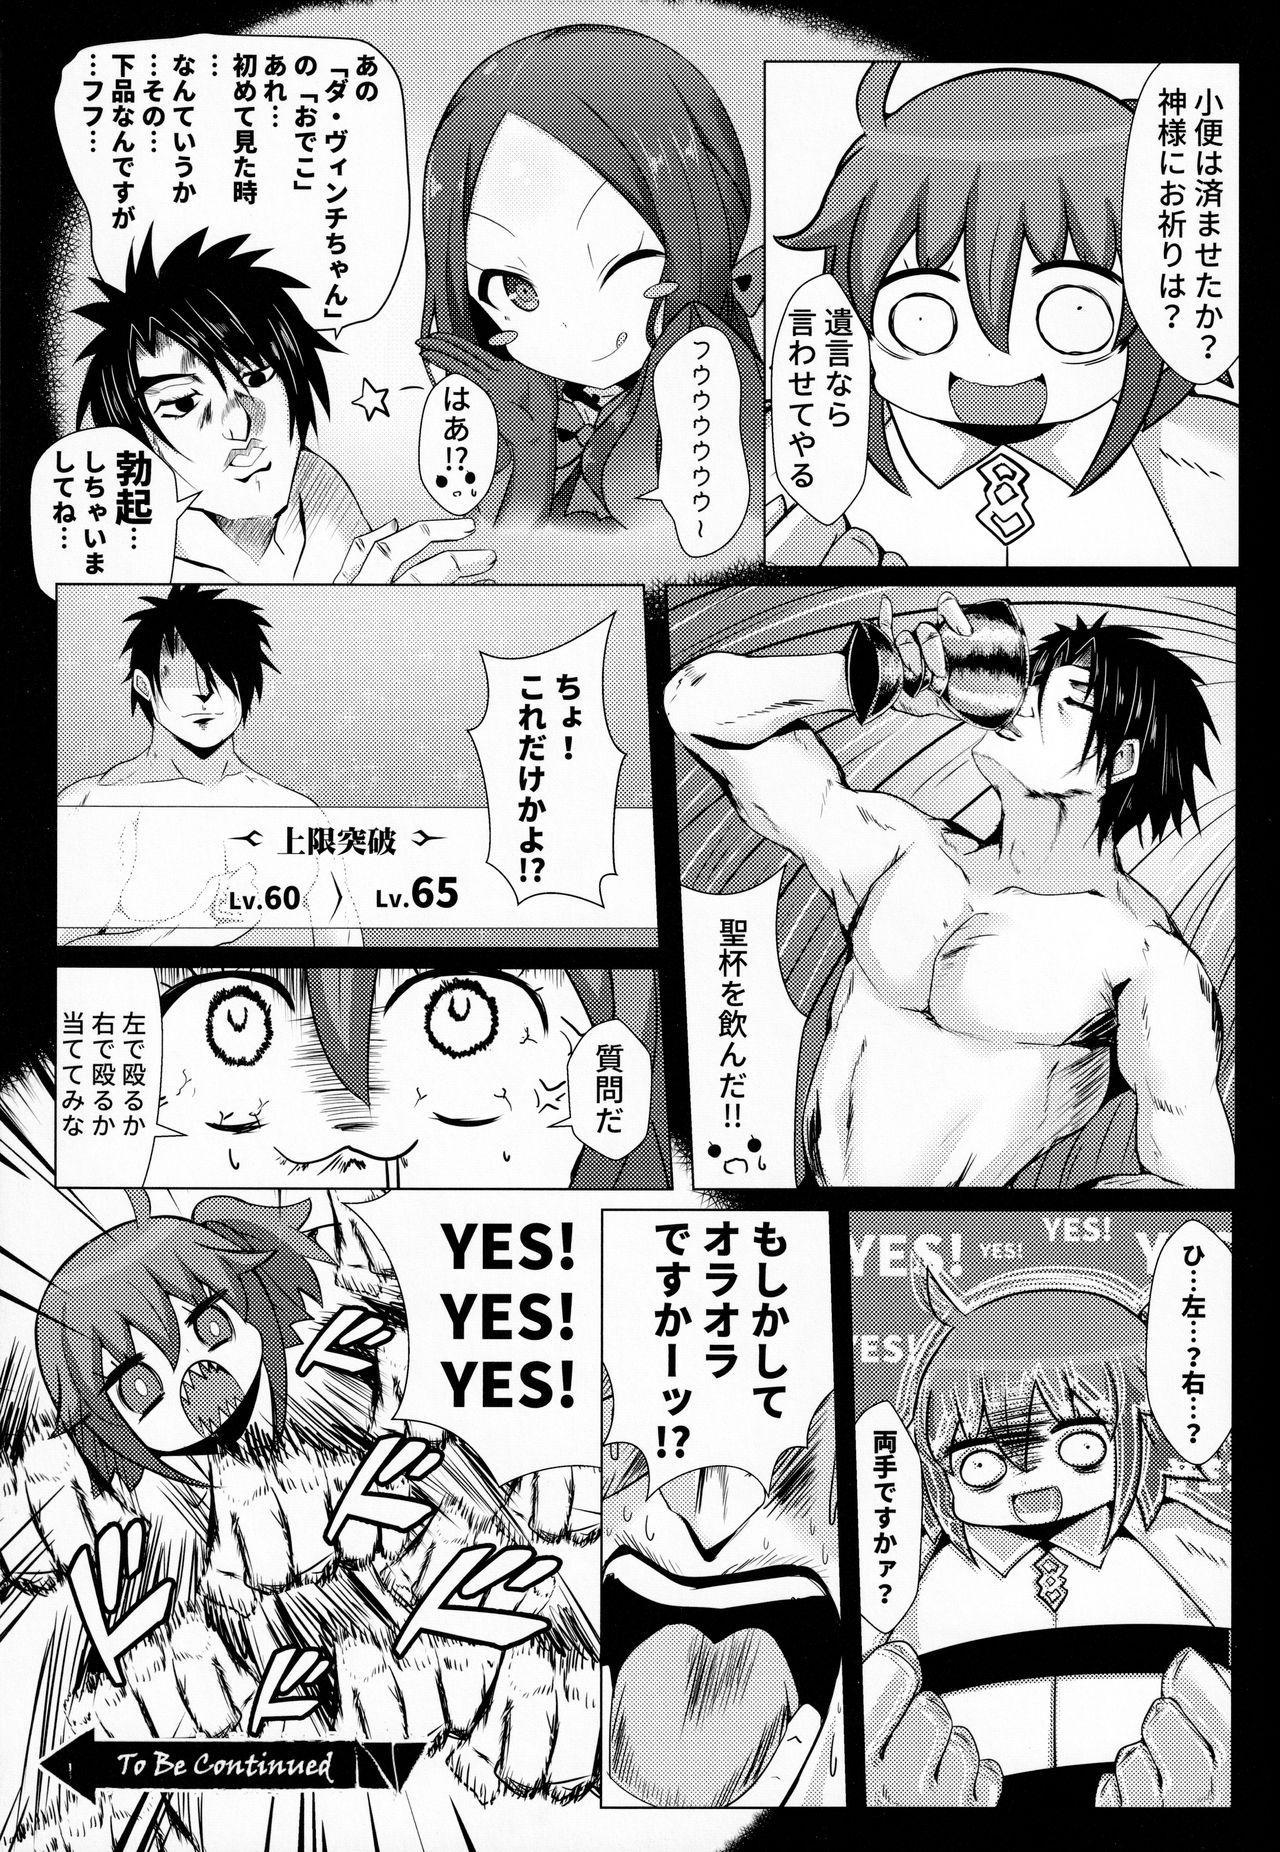 Hyoushi ni Ippai Condom o Kaiteiru kedo Nakami ni wa Condom ga Nai Abigail no Usui Hon 23